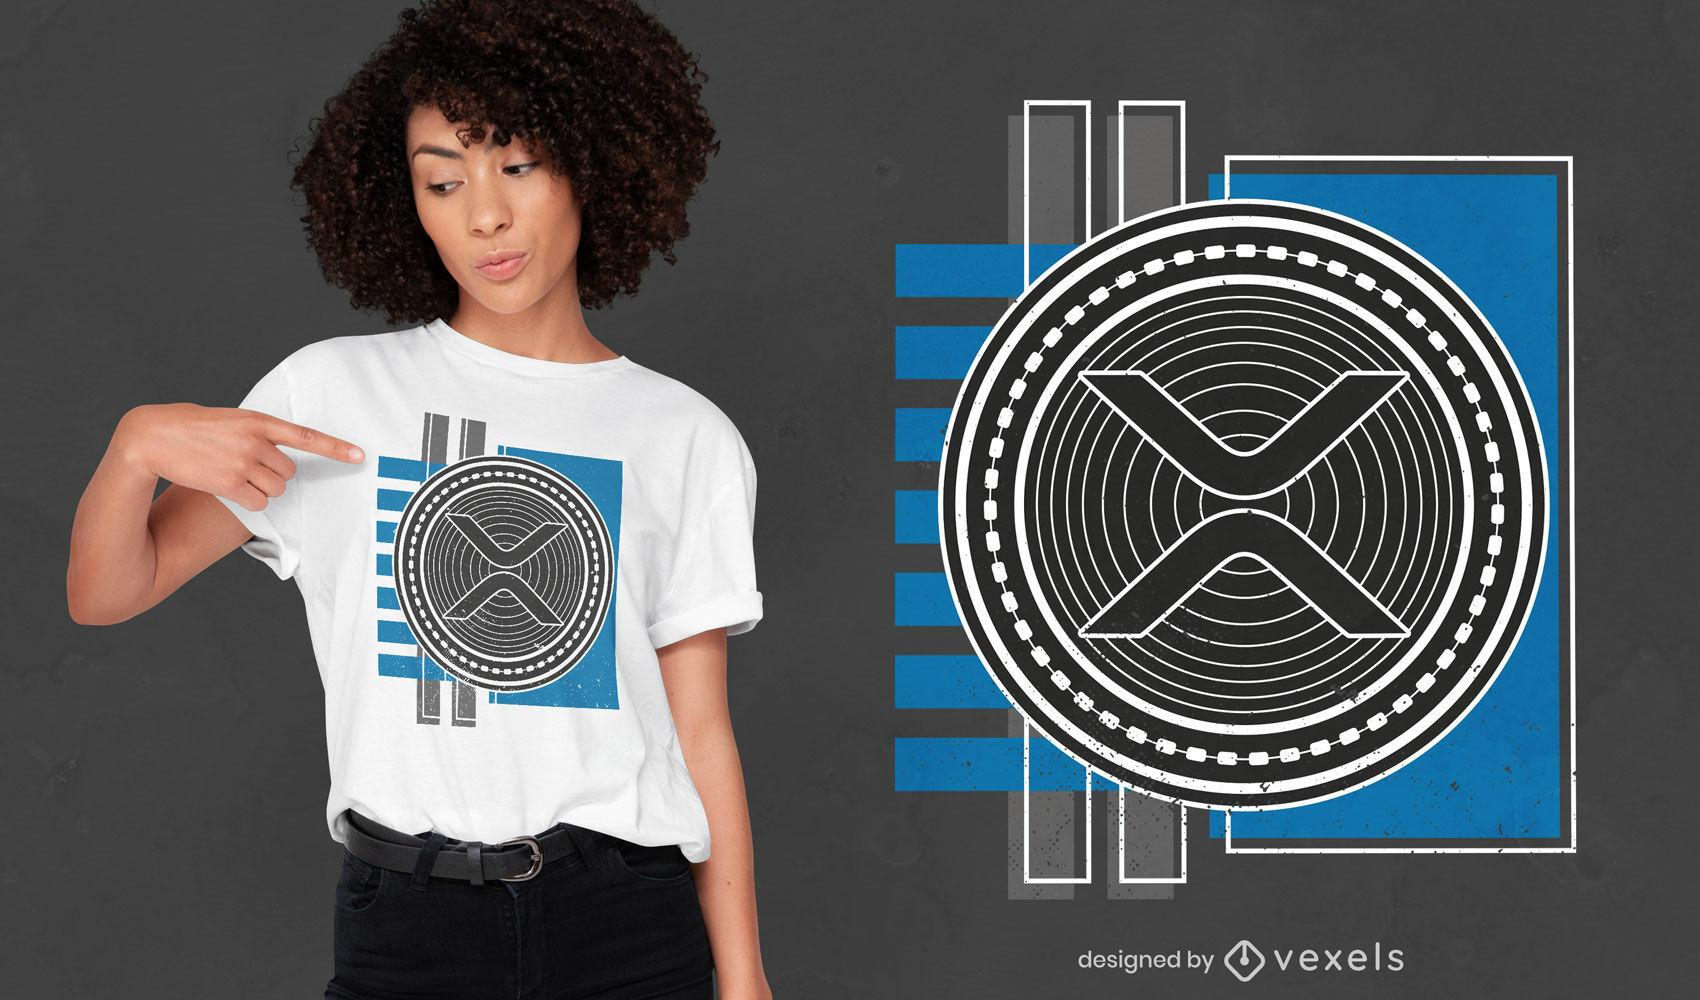 Dise?o de camiseta con s?mbolo de criptomoneda XRP